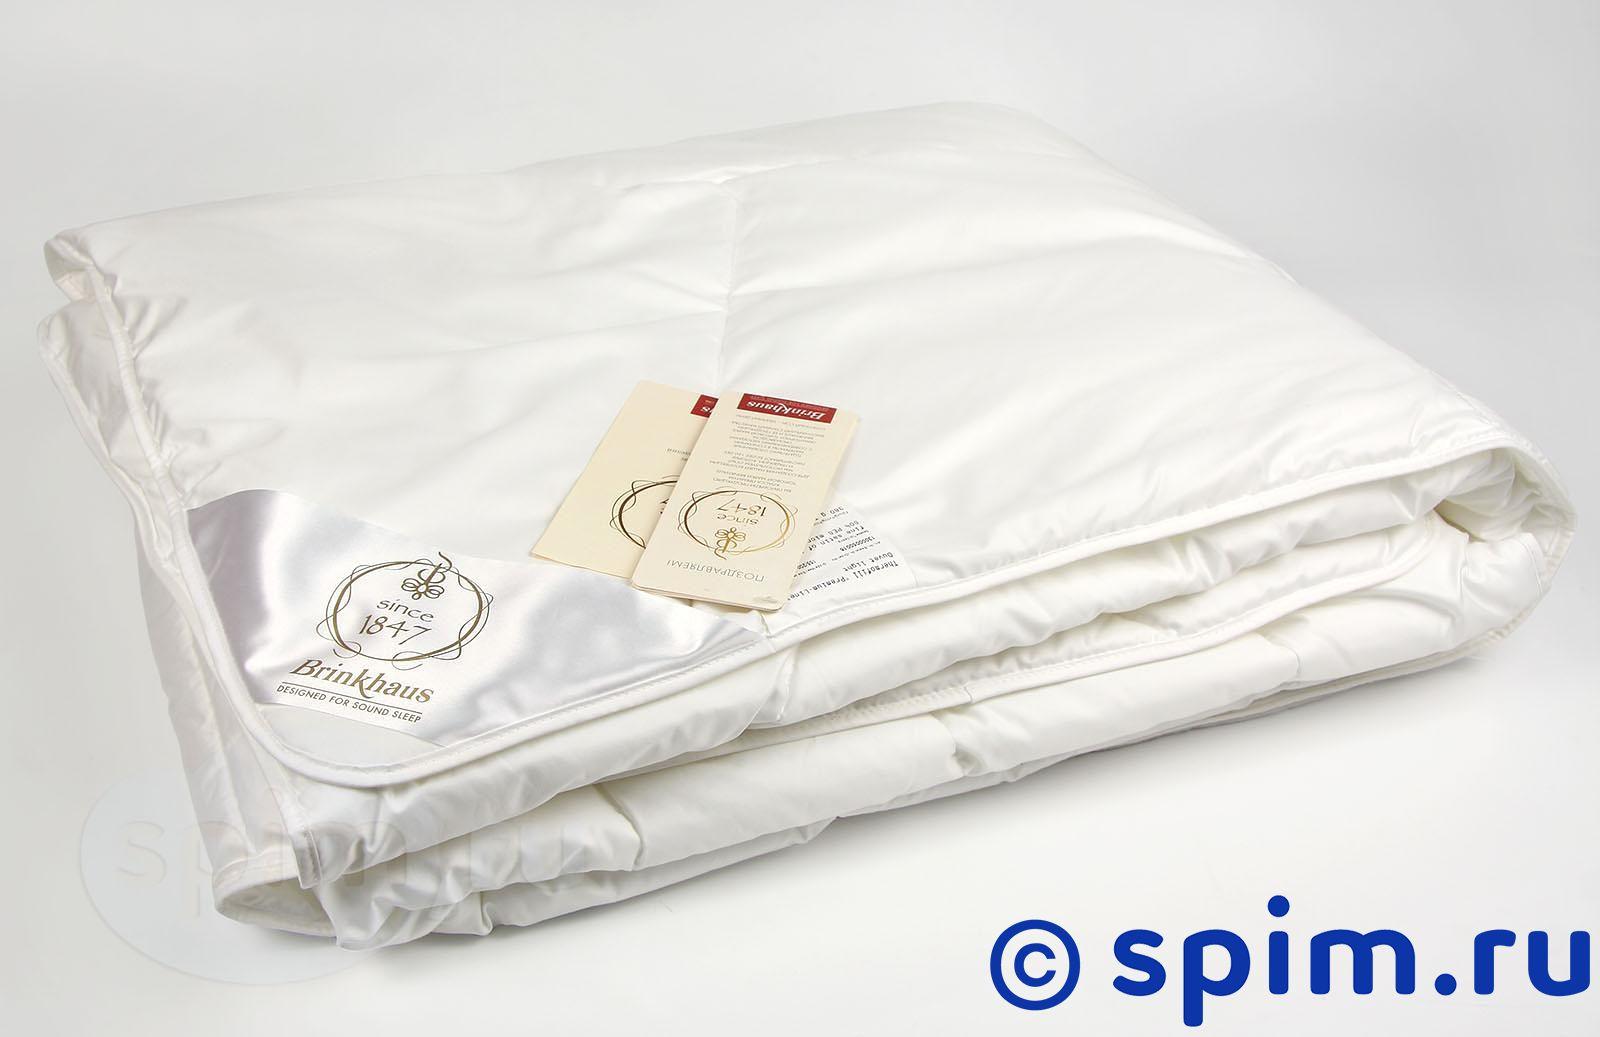 Одеяло Brinkhaus Thermofill Premium-Line, легкое 155х200 см